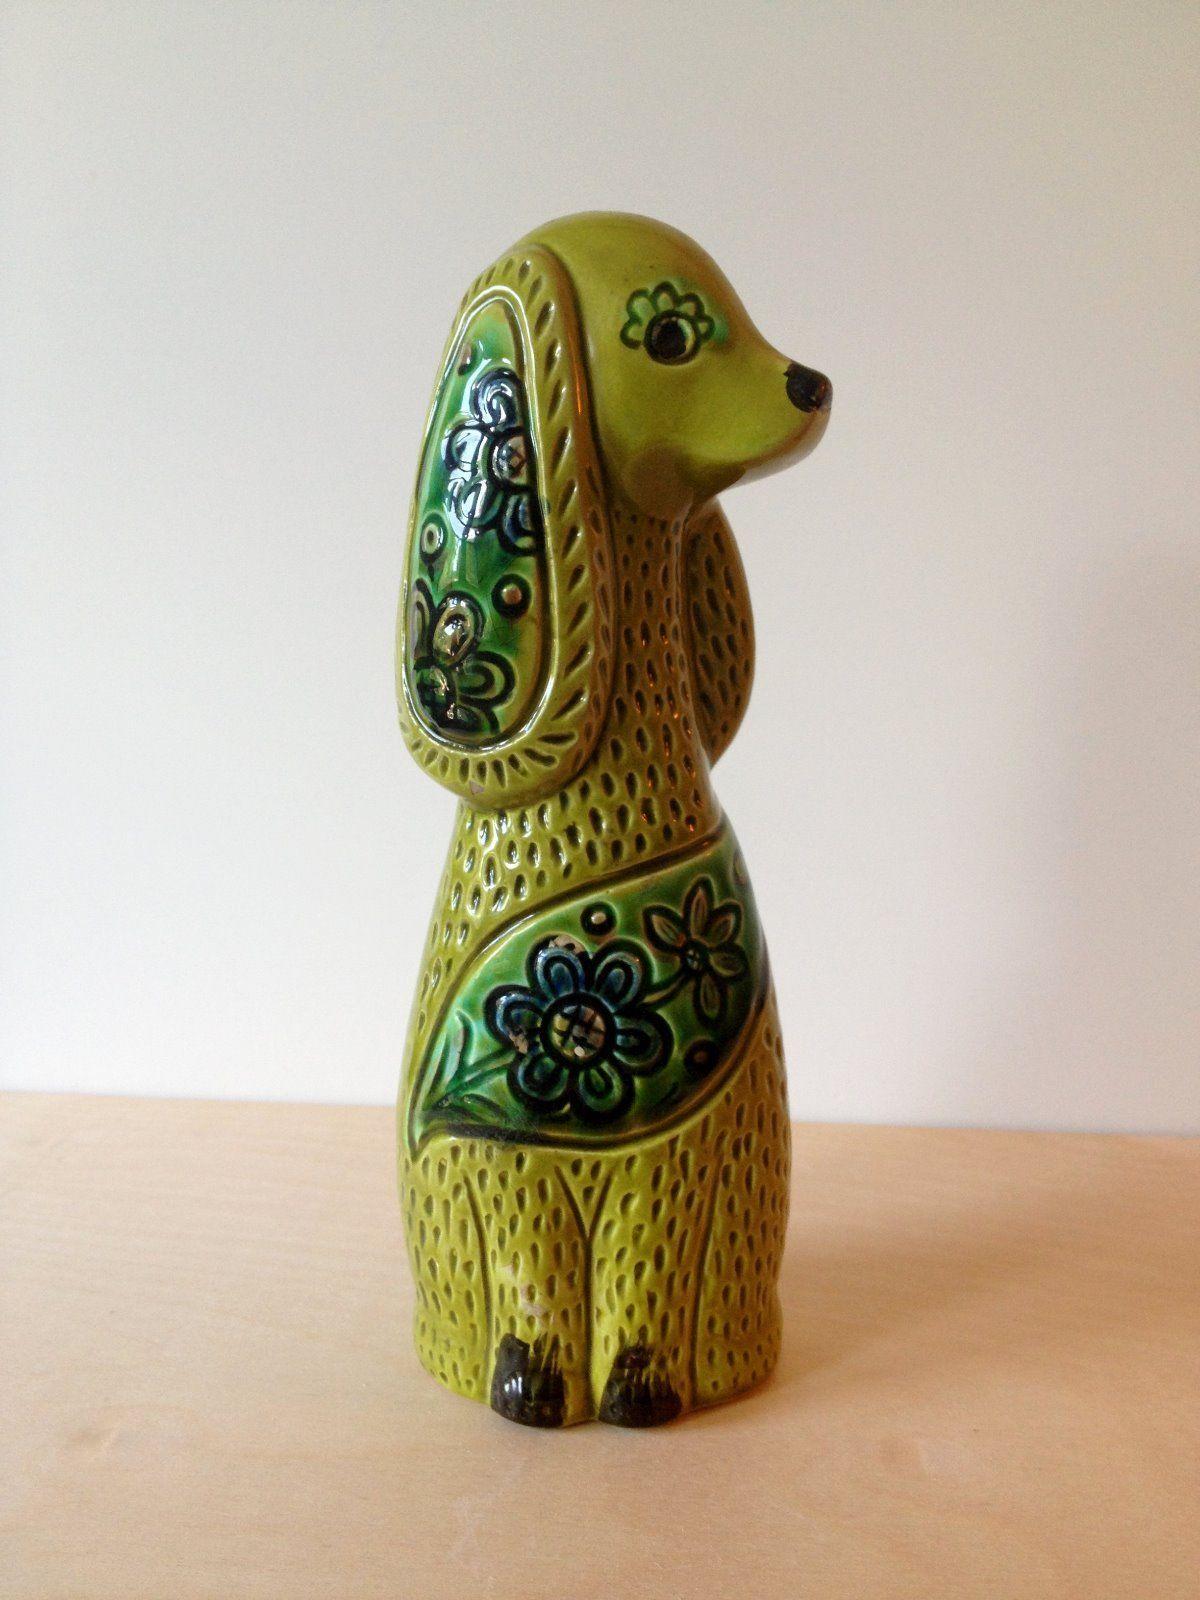 Vintage Green Ceramic Dachshund Figurine